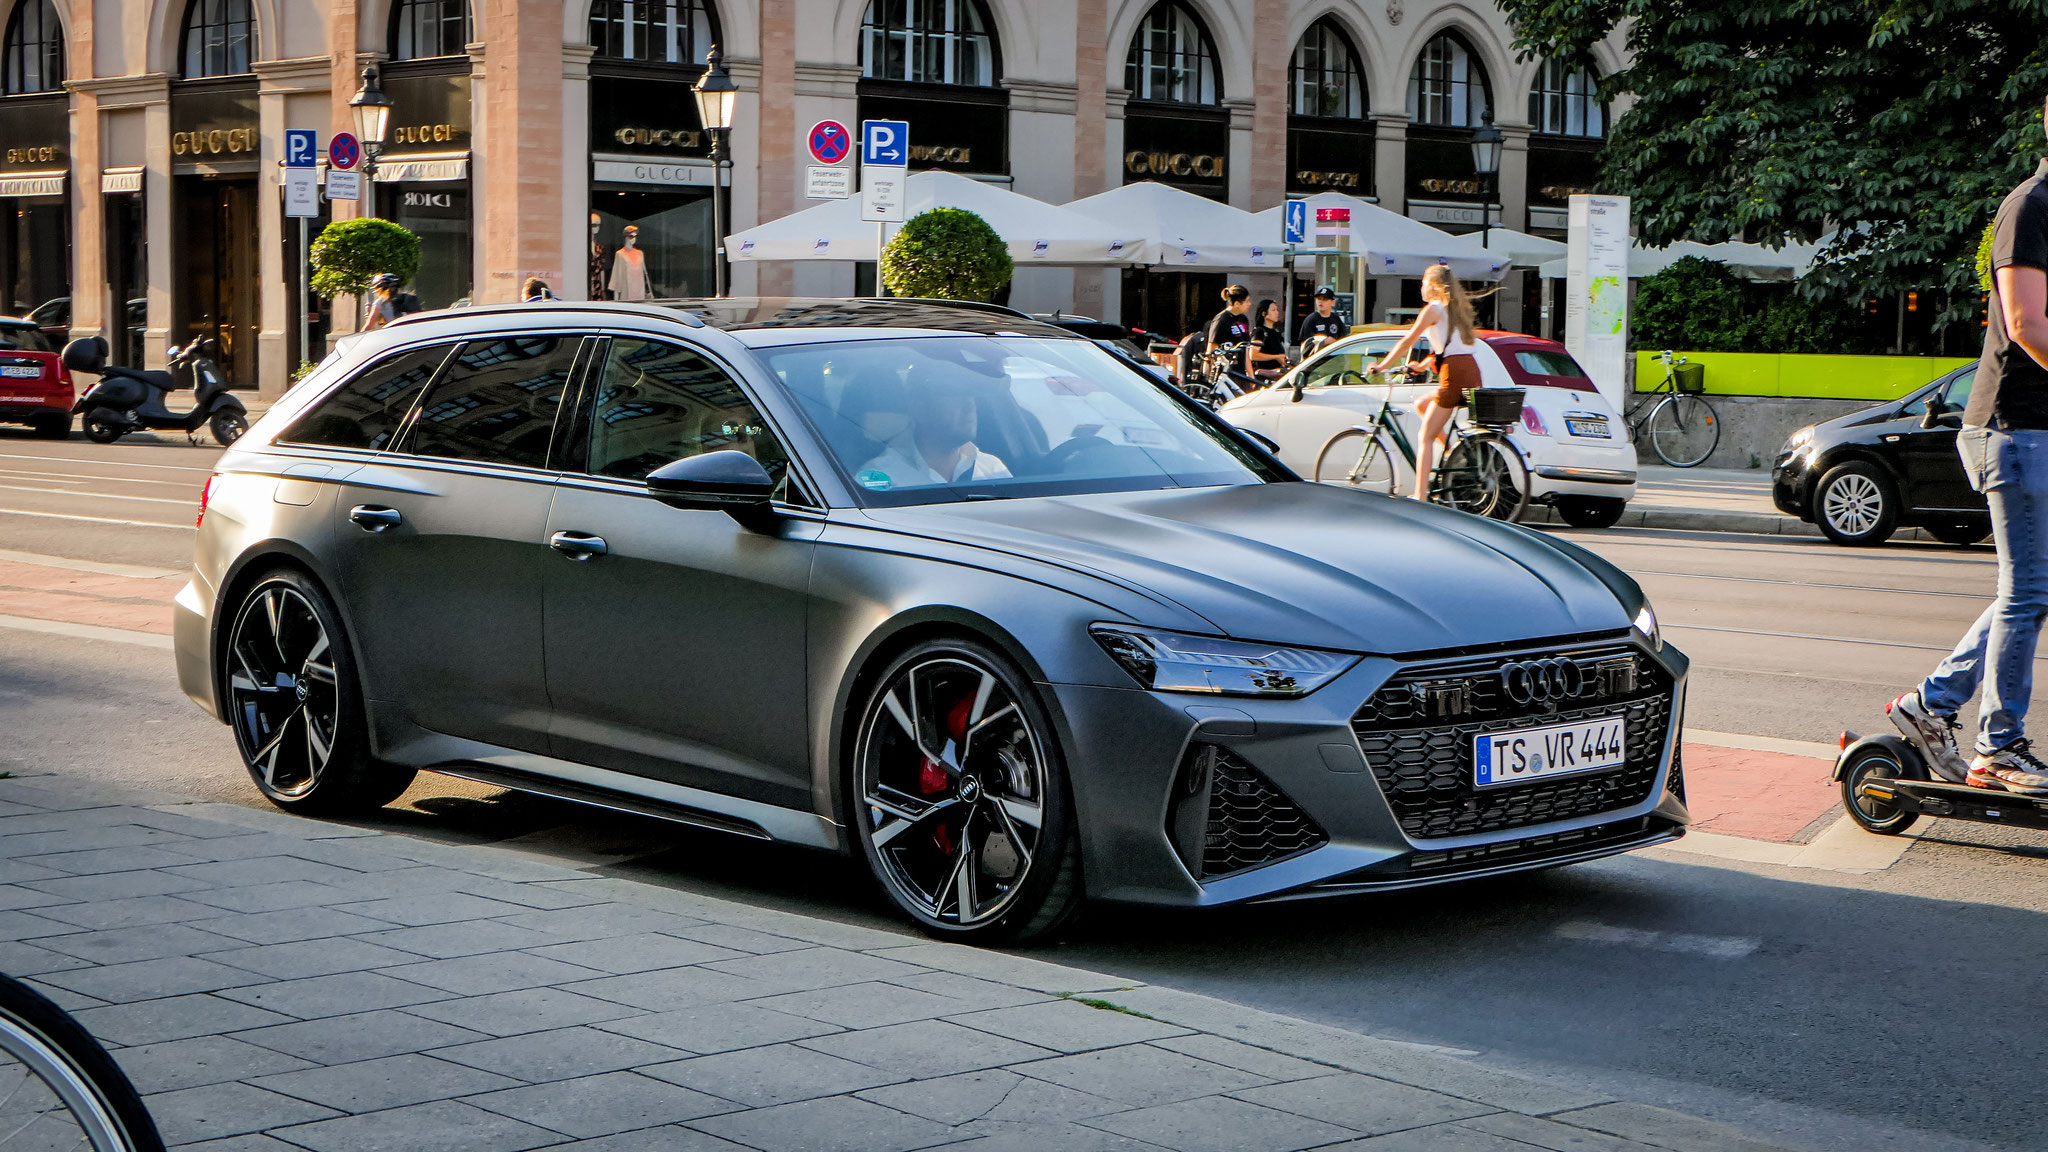 Audi RS6 - TS-VR-444